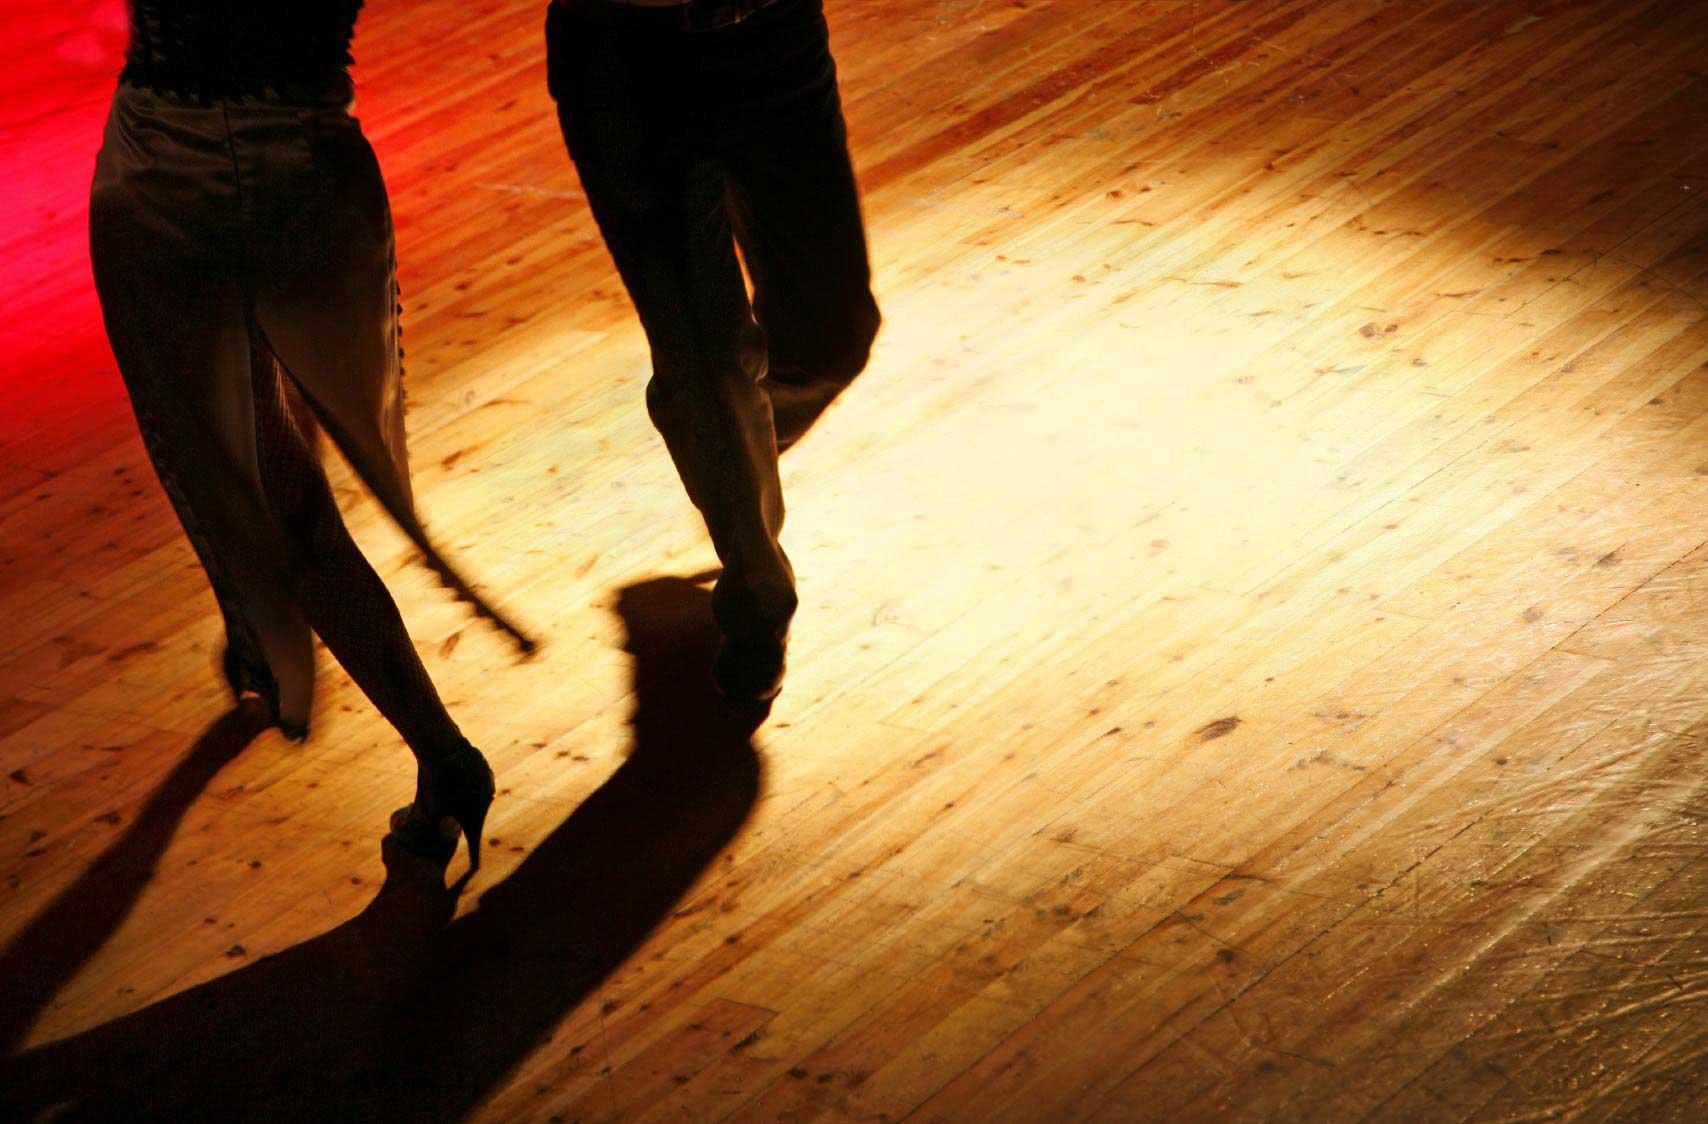 Zu heiBen Rhytmen tanzen